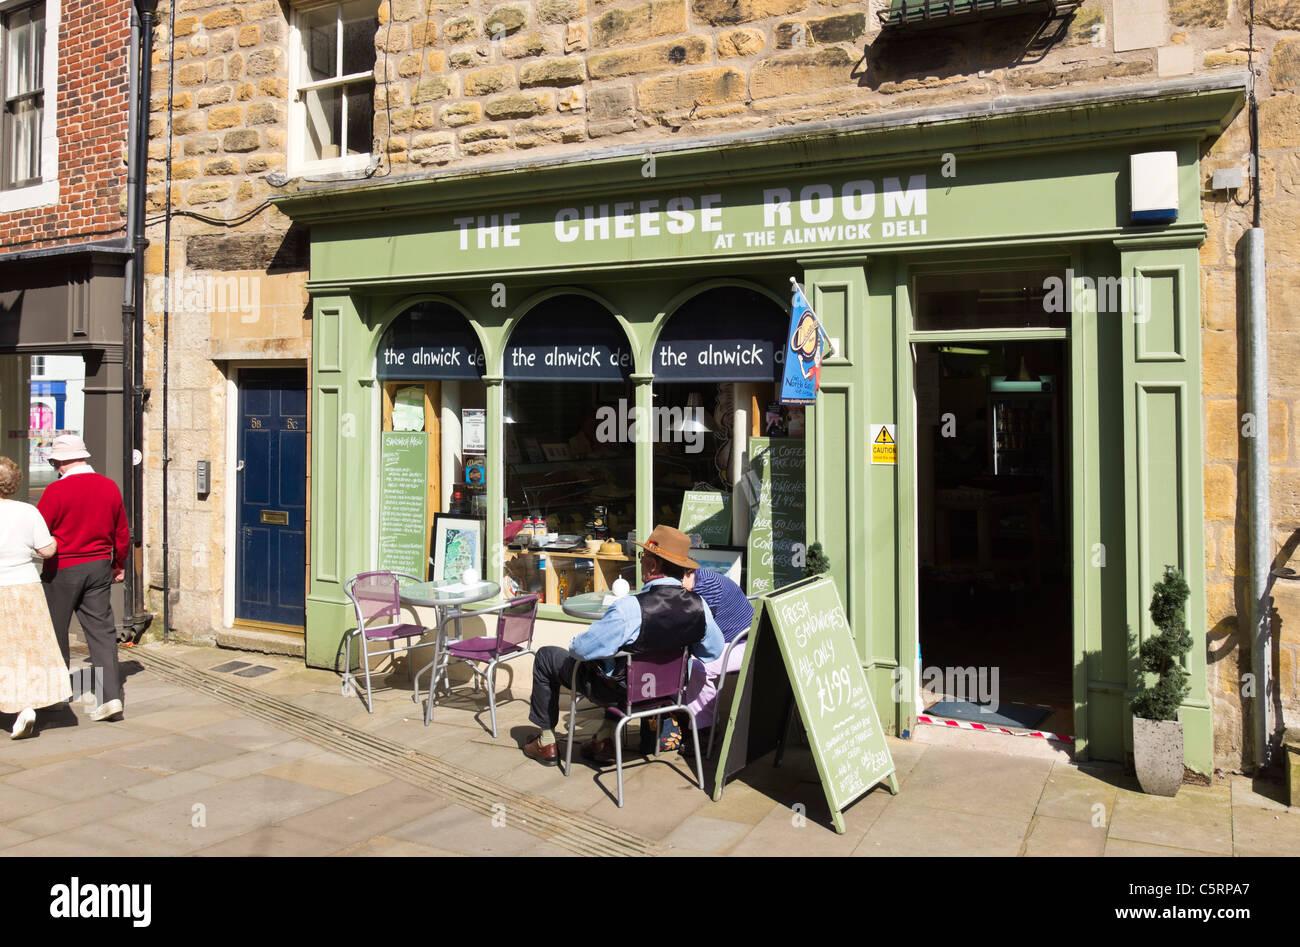 Alnwick, Northumberland, UK - Alnwick deli cheese room caf - Stock Image